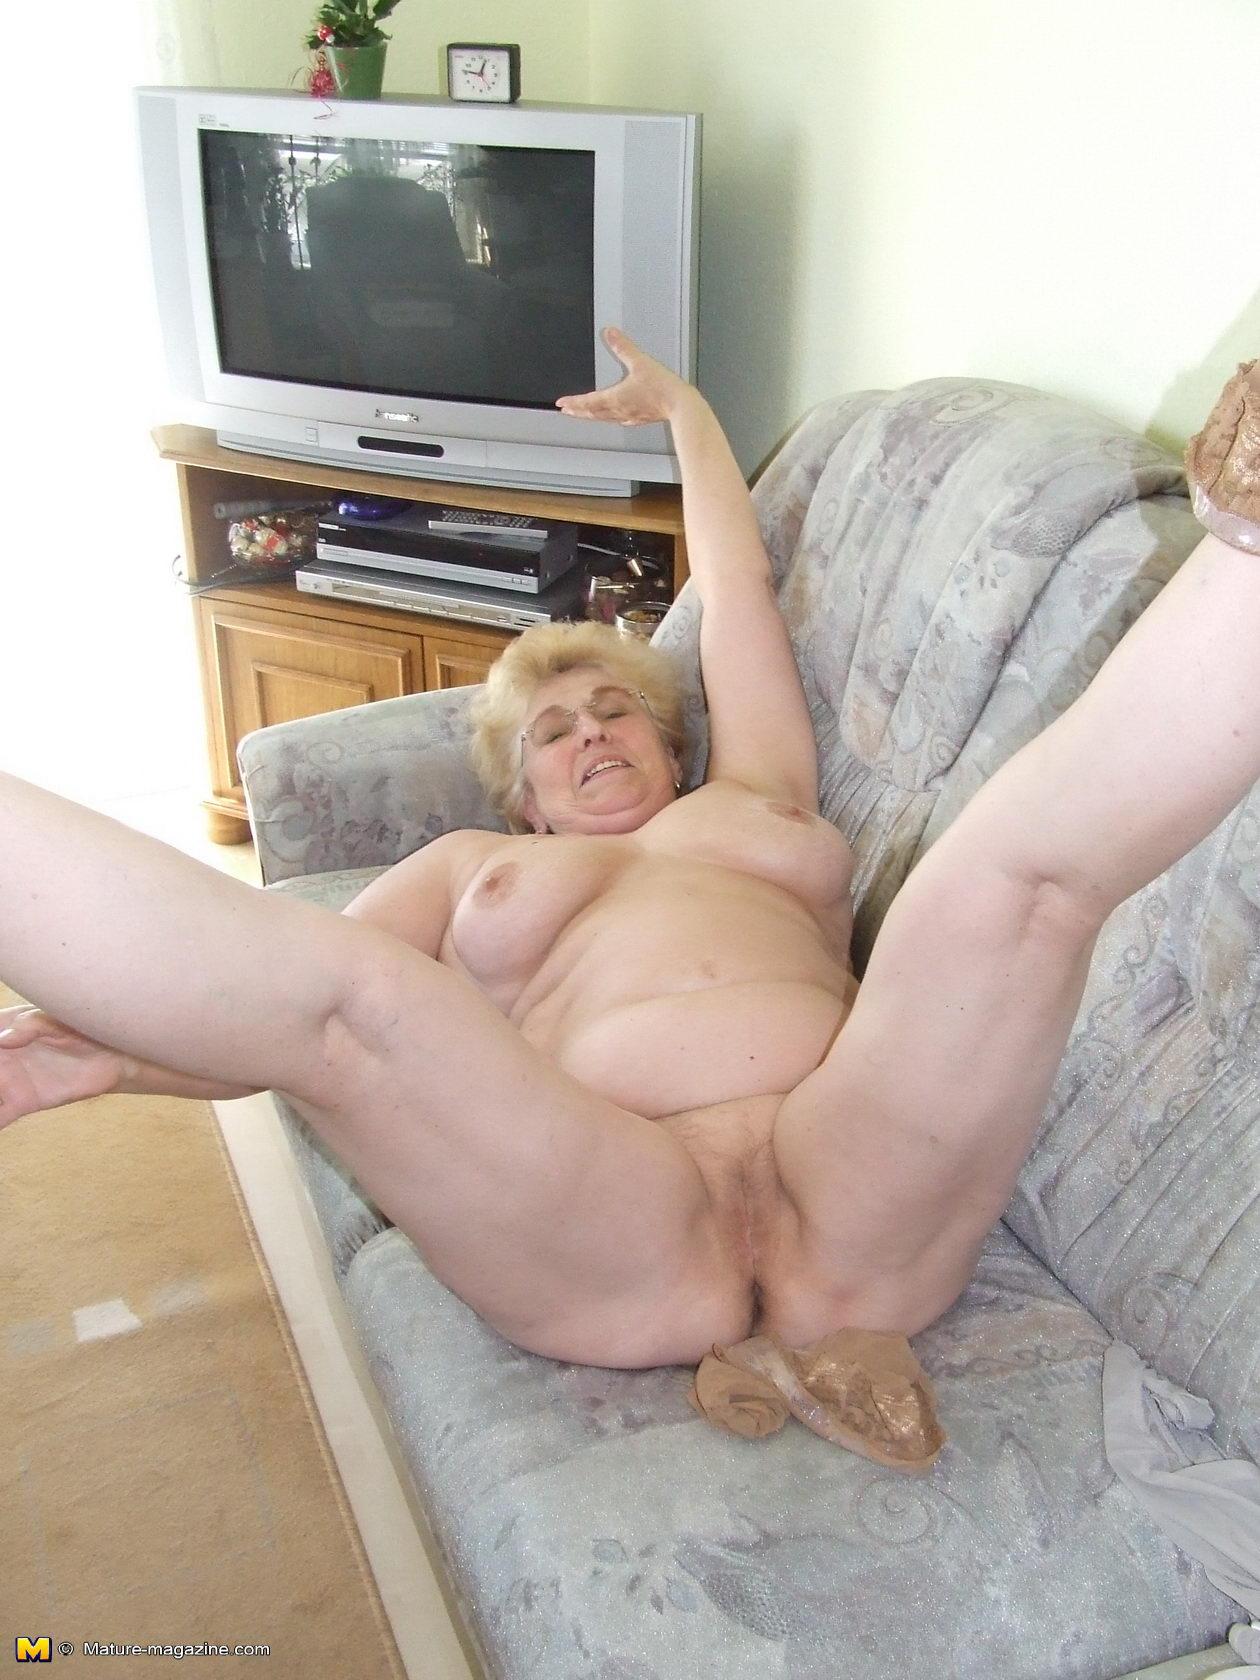 amateur older wives showing